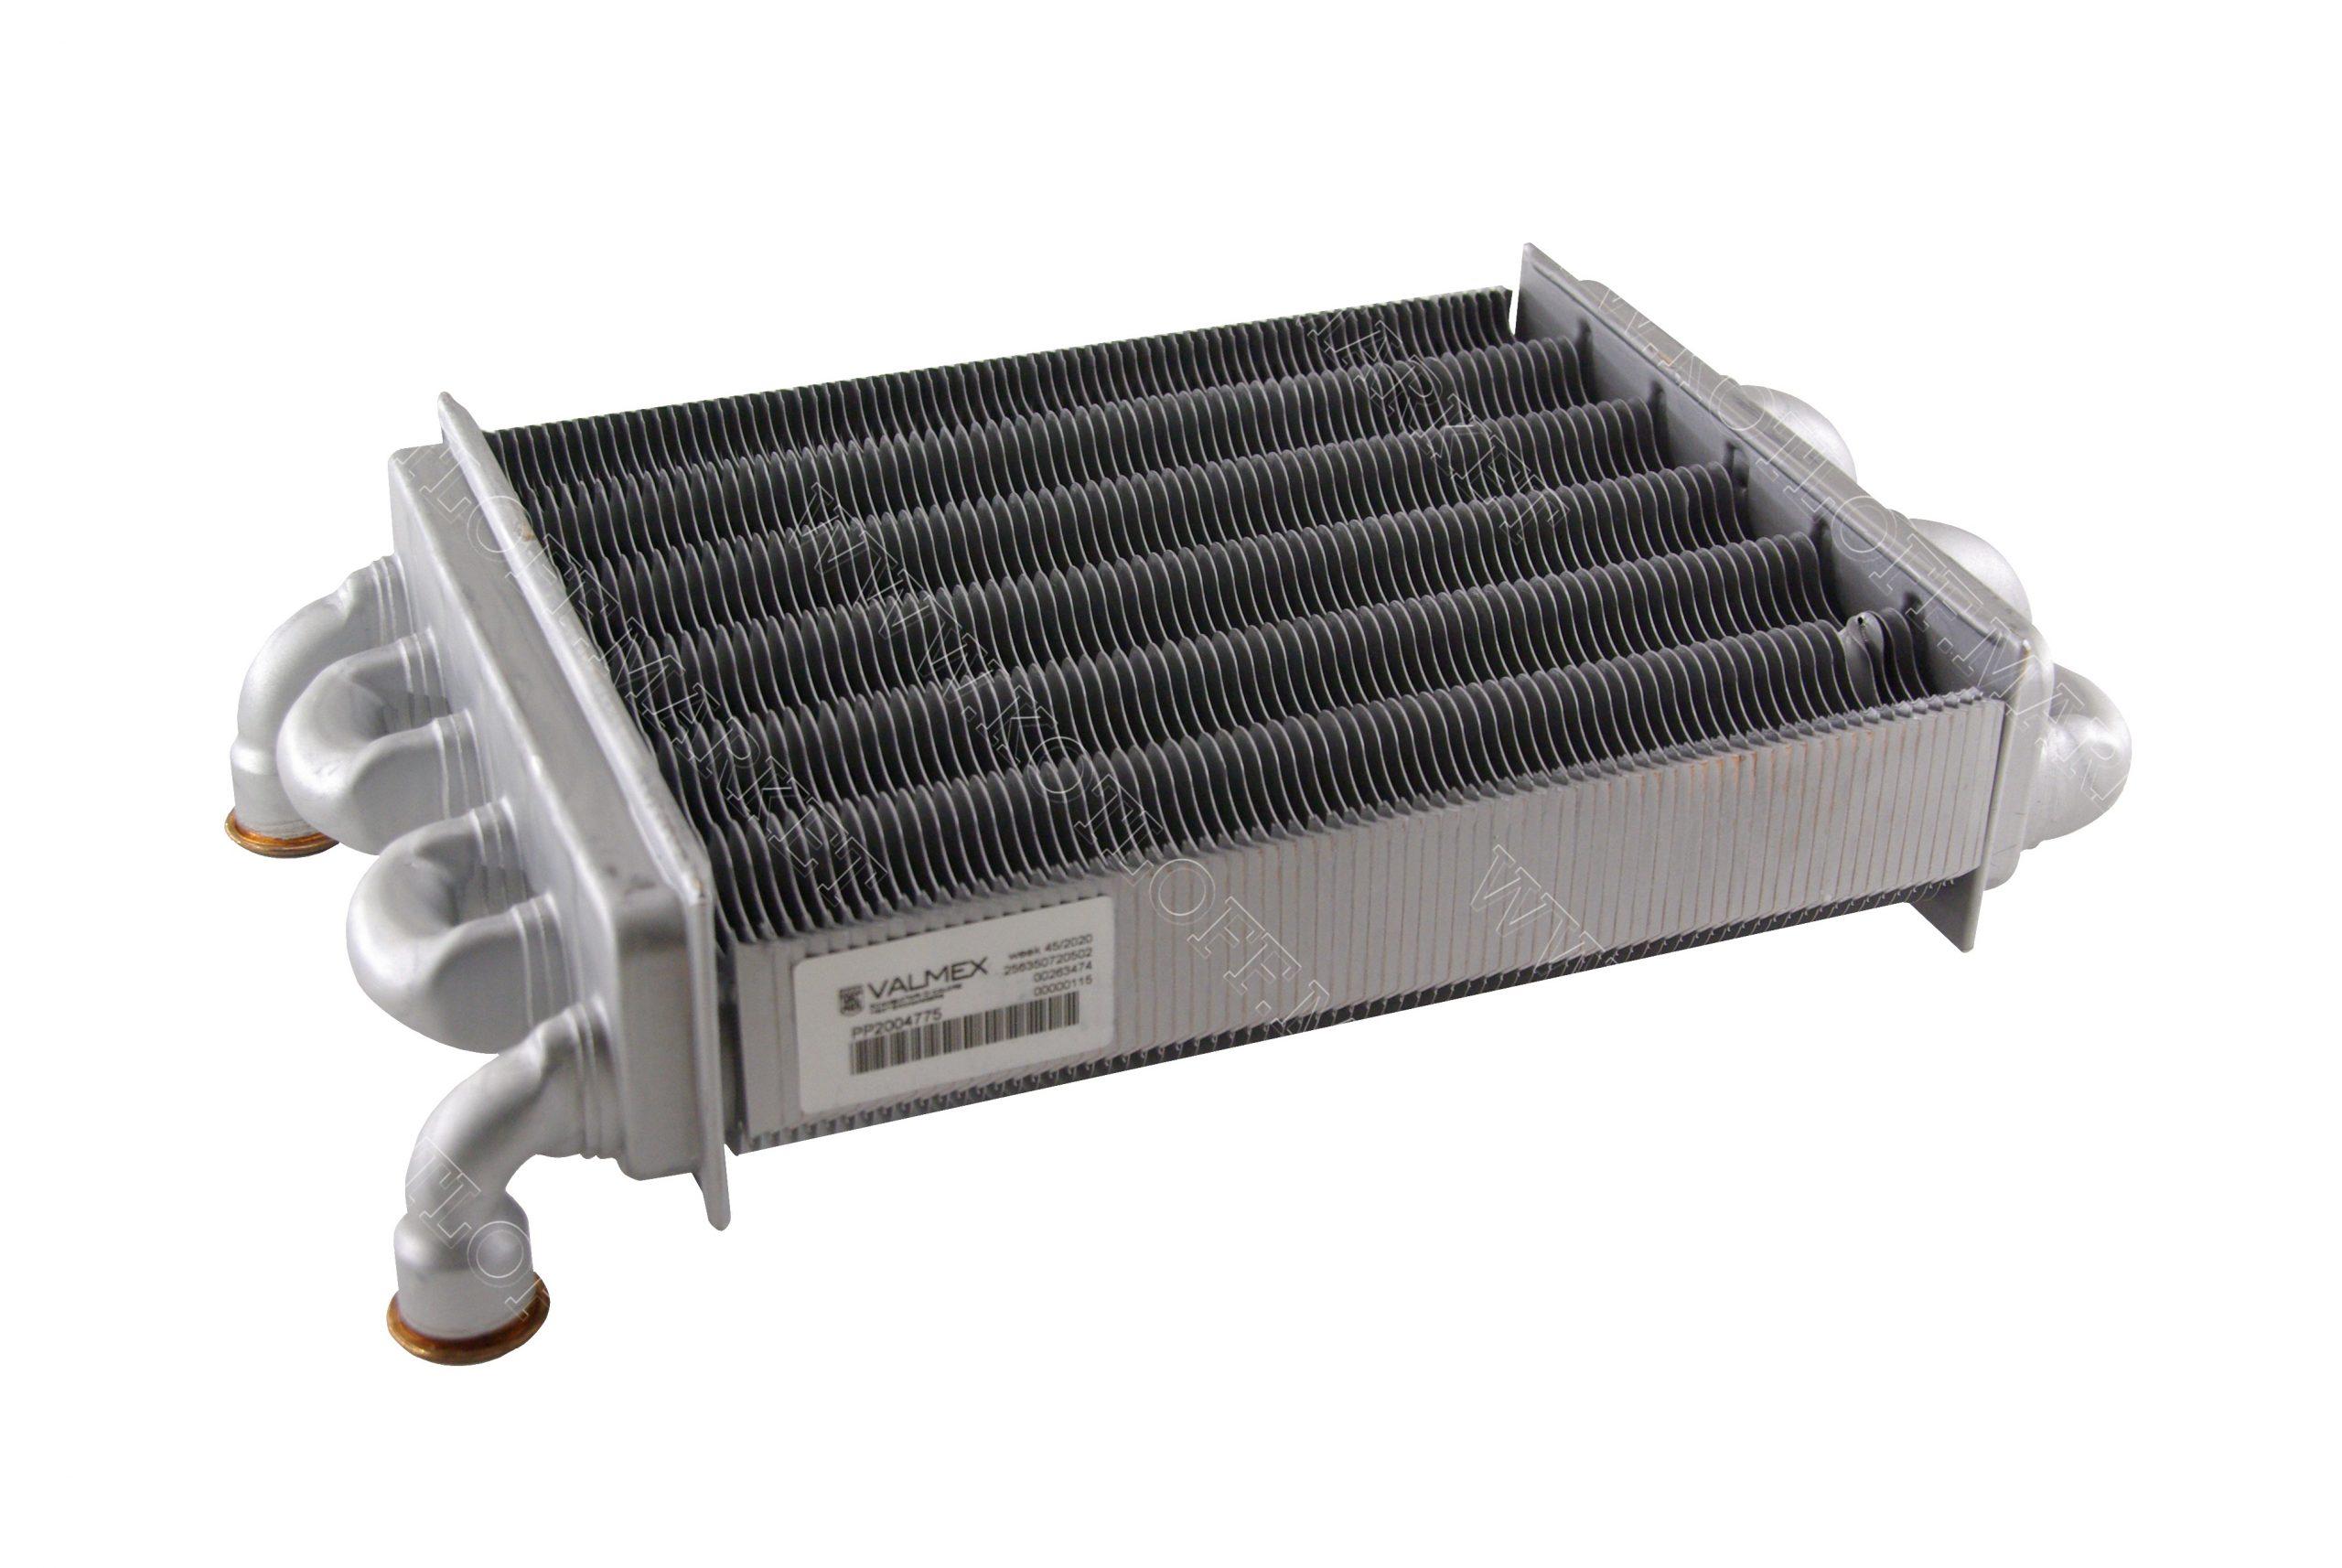 Теплообменник битермический на газовые котлы Ferroli арт. 39819540 (39820060)